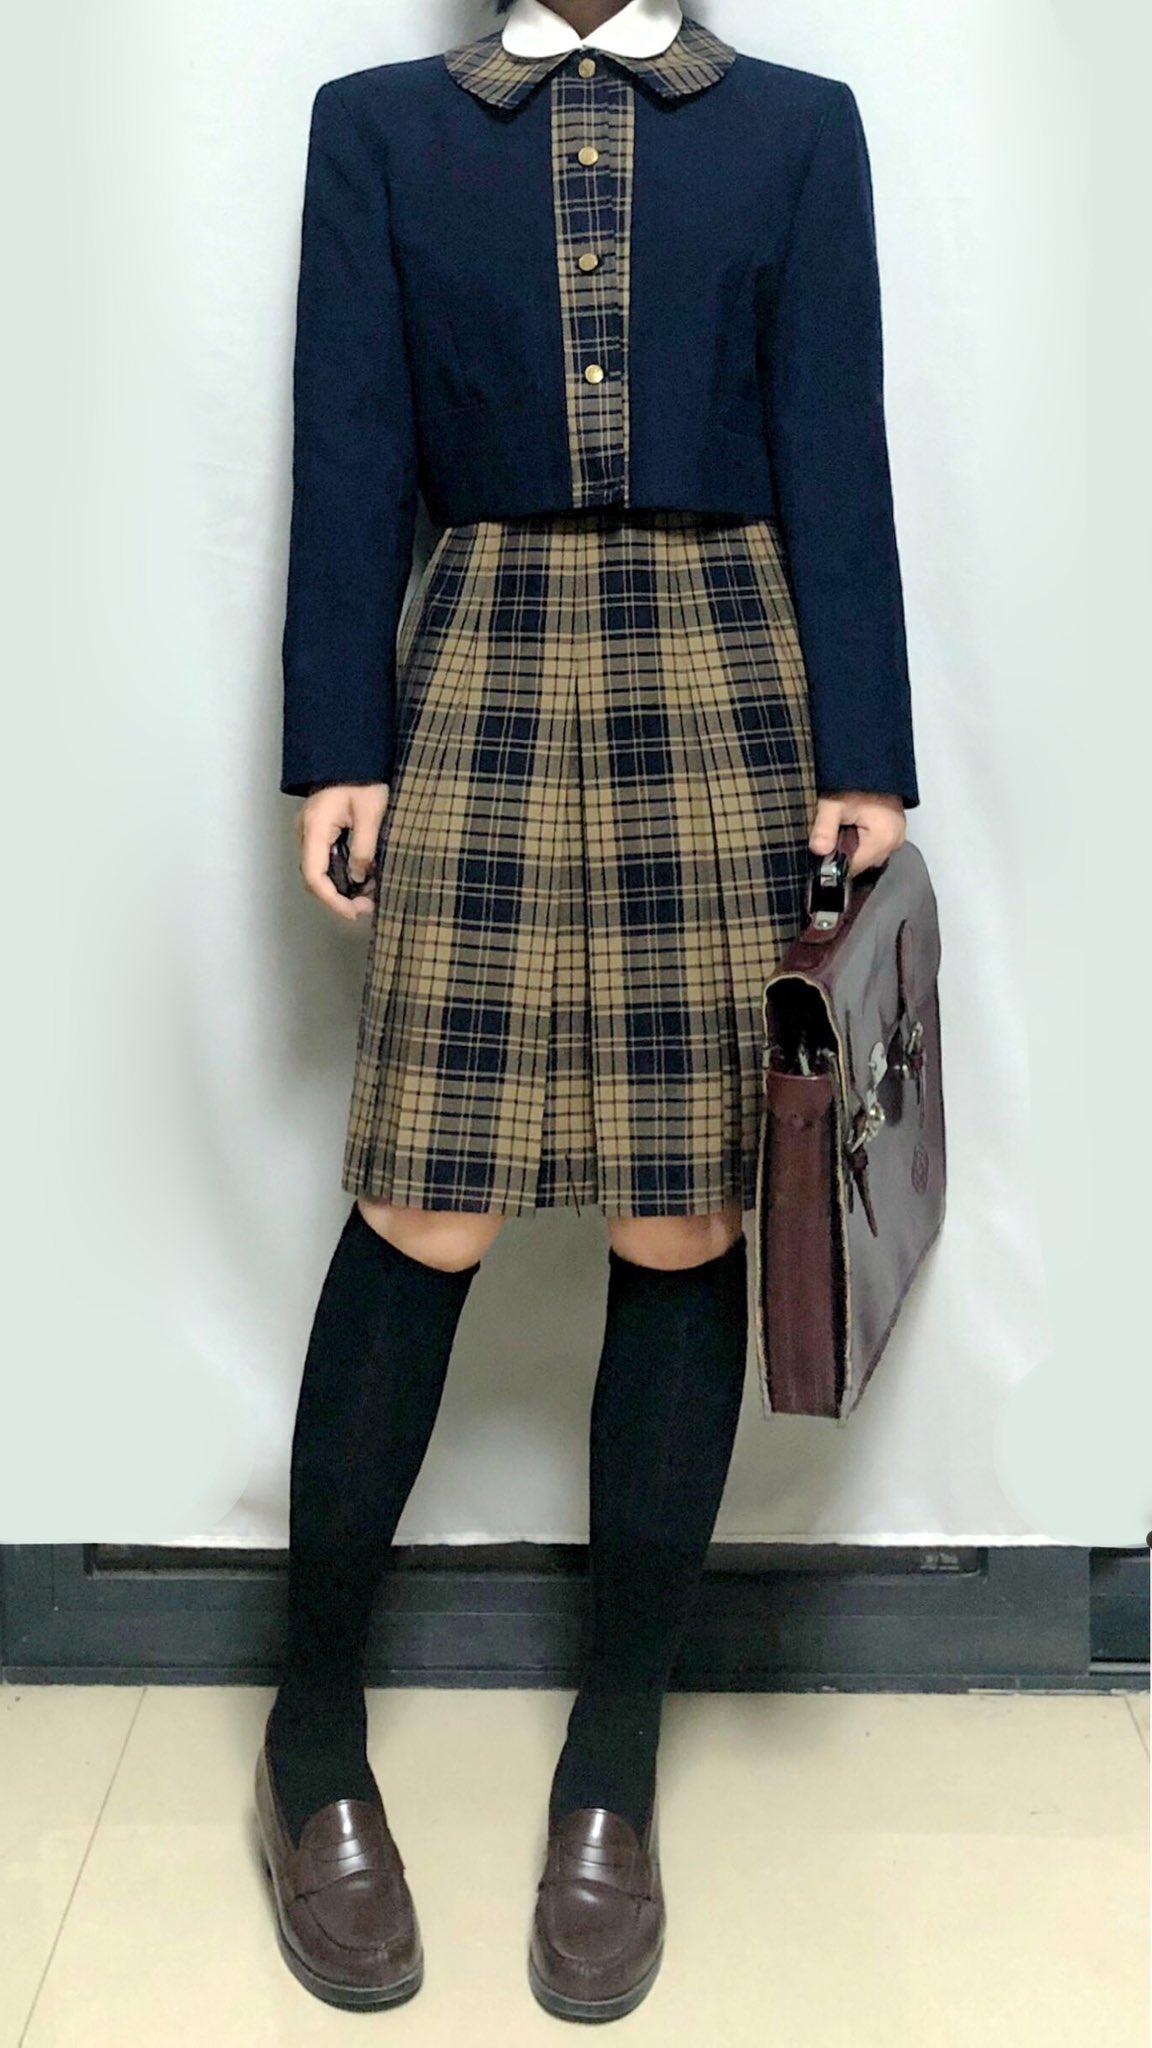 熊本県八代市興国町 秀岳館高等学校<br><br>とても素敵な冬服です😄